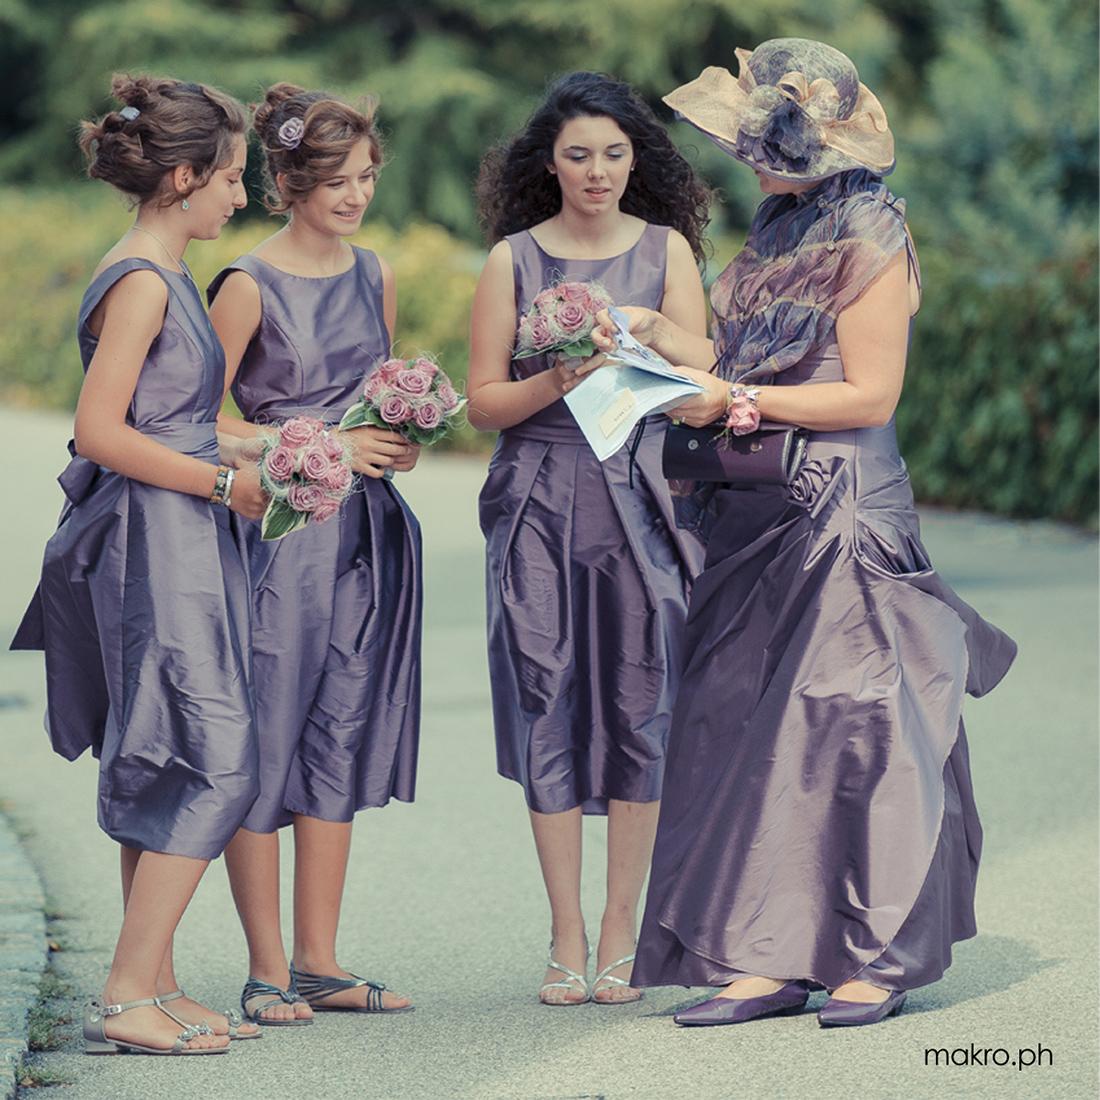 Damigelle si organizzano prima del matrimonio